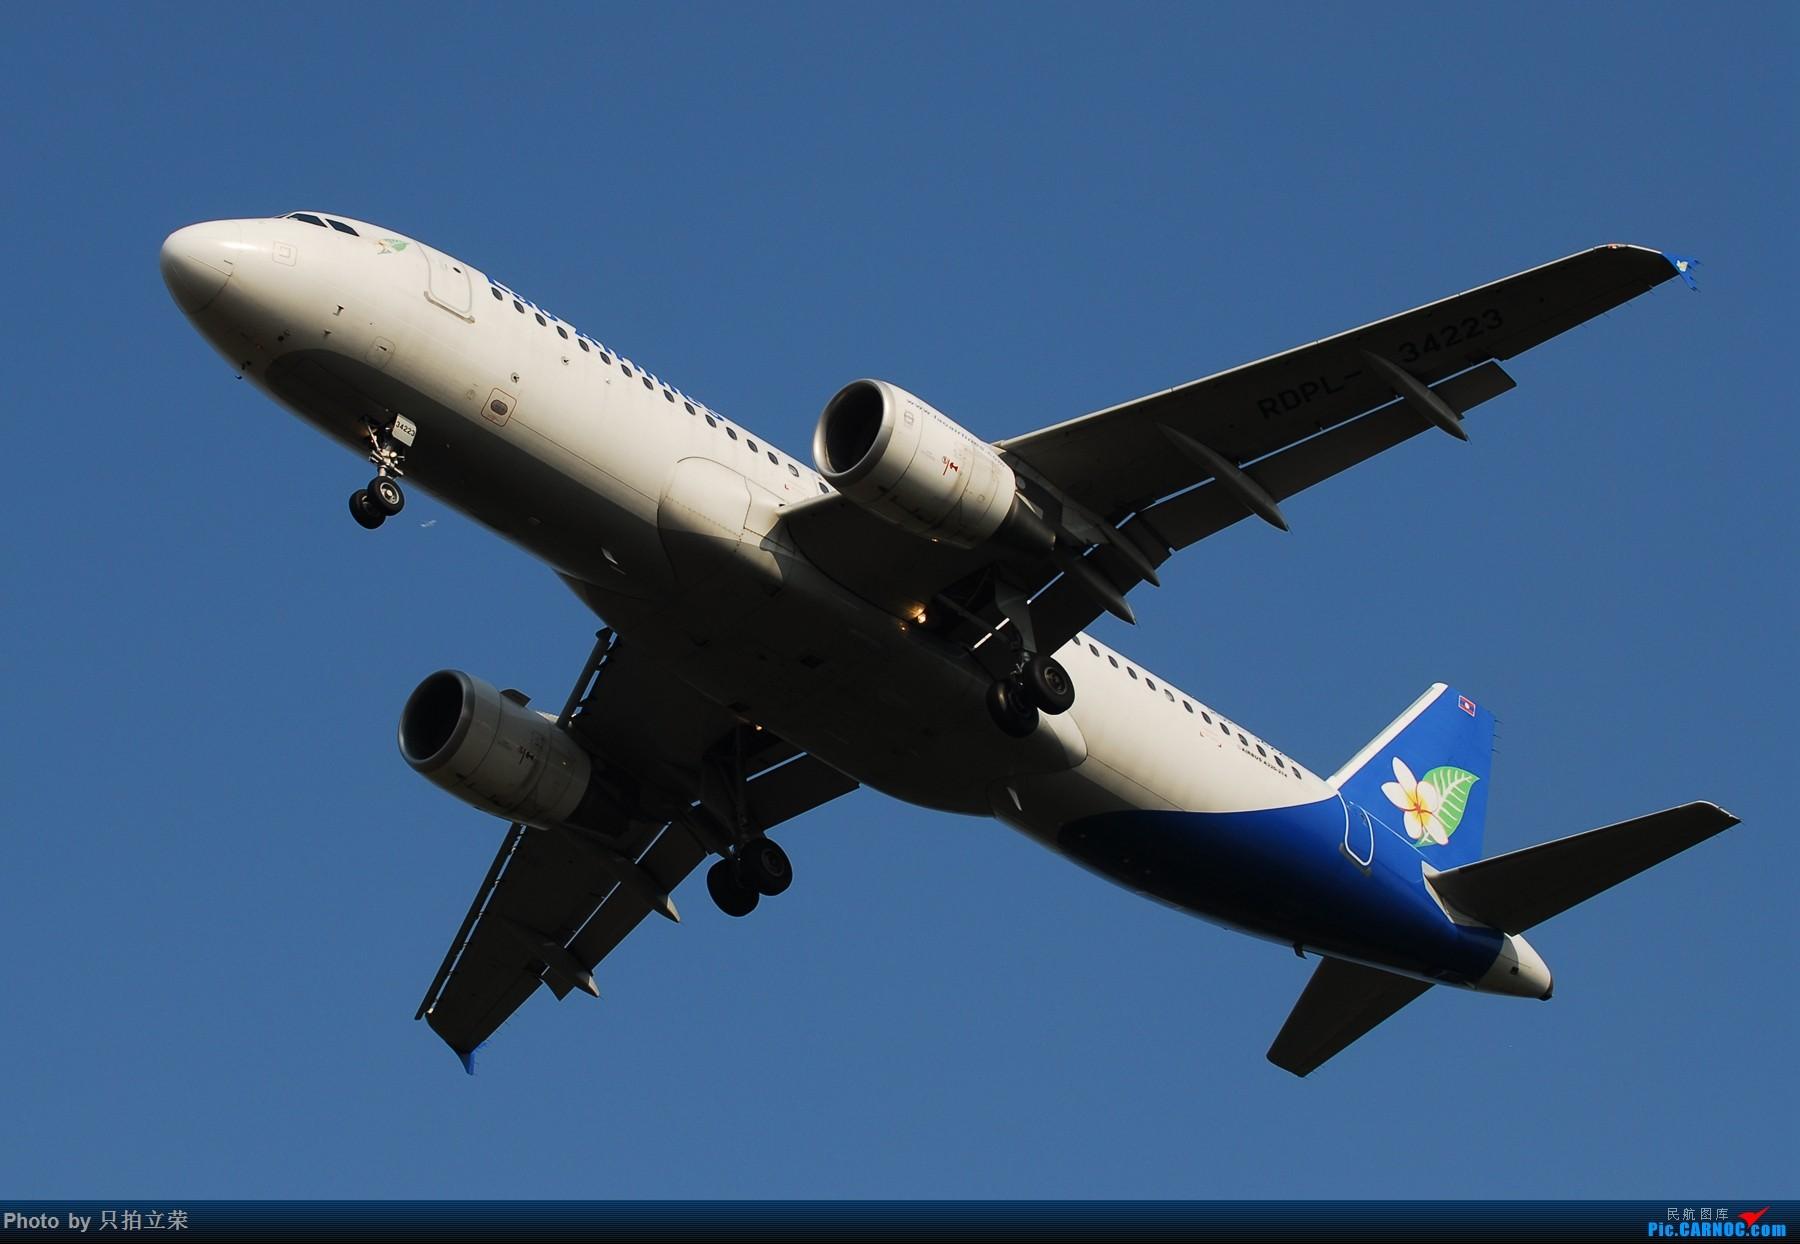 [原创]长沙黄花机场的稀奇货们 AIRBUS A320-200 RDPL-34223 中国长沙黄花国际机场